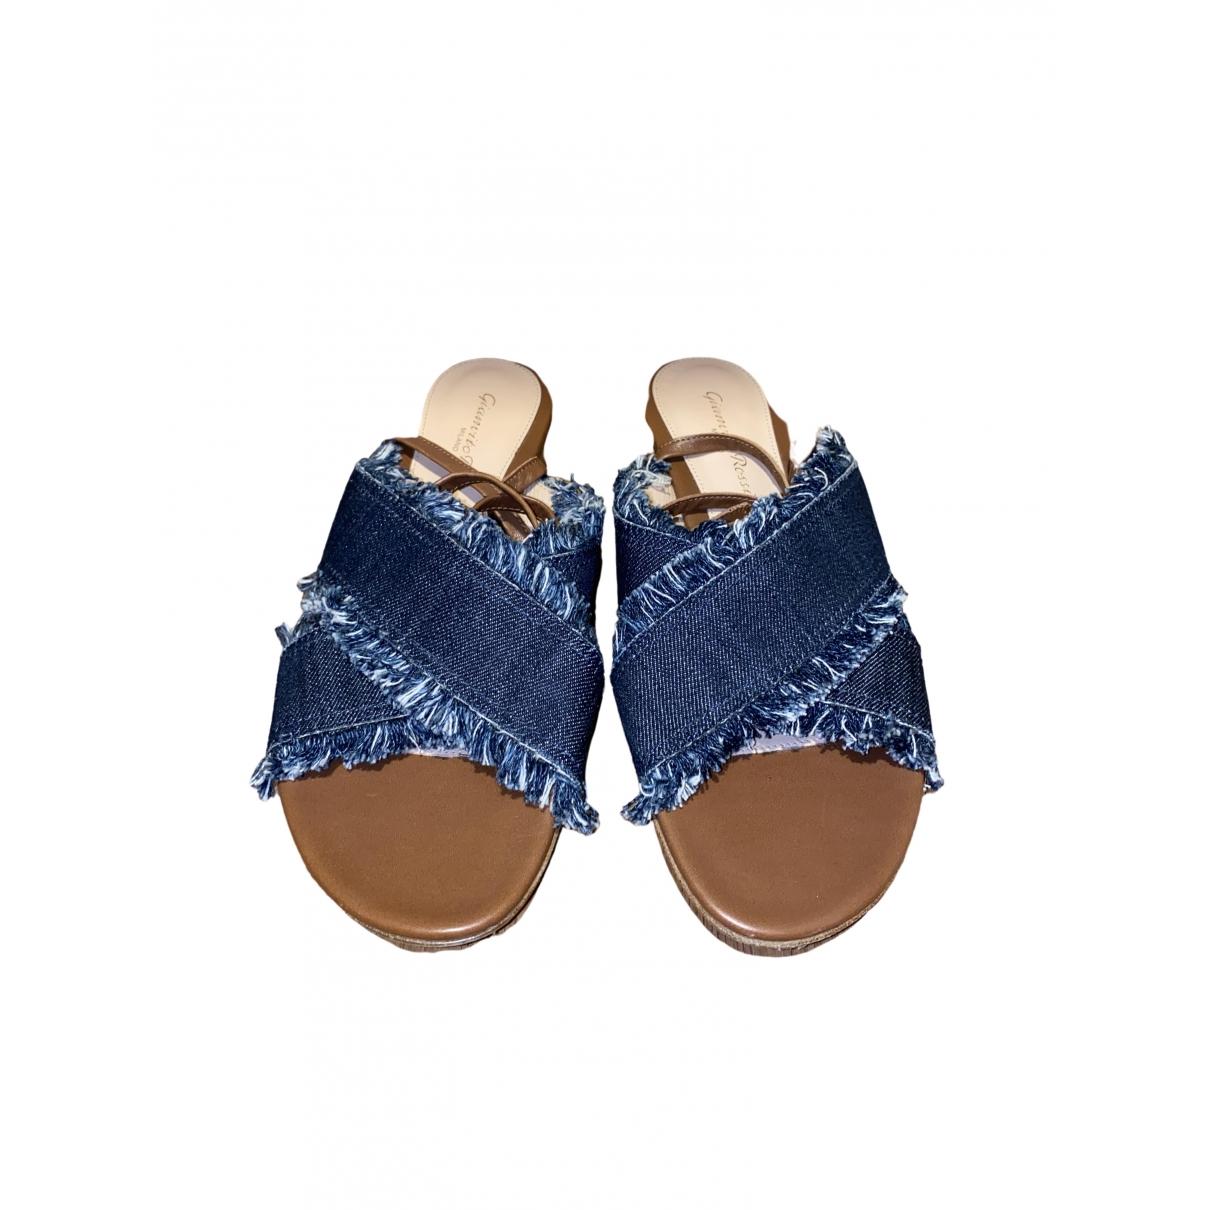 Gianvito Rossi - Sandales   pour femme en toile - bleu